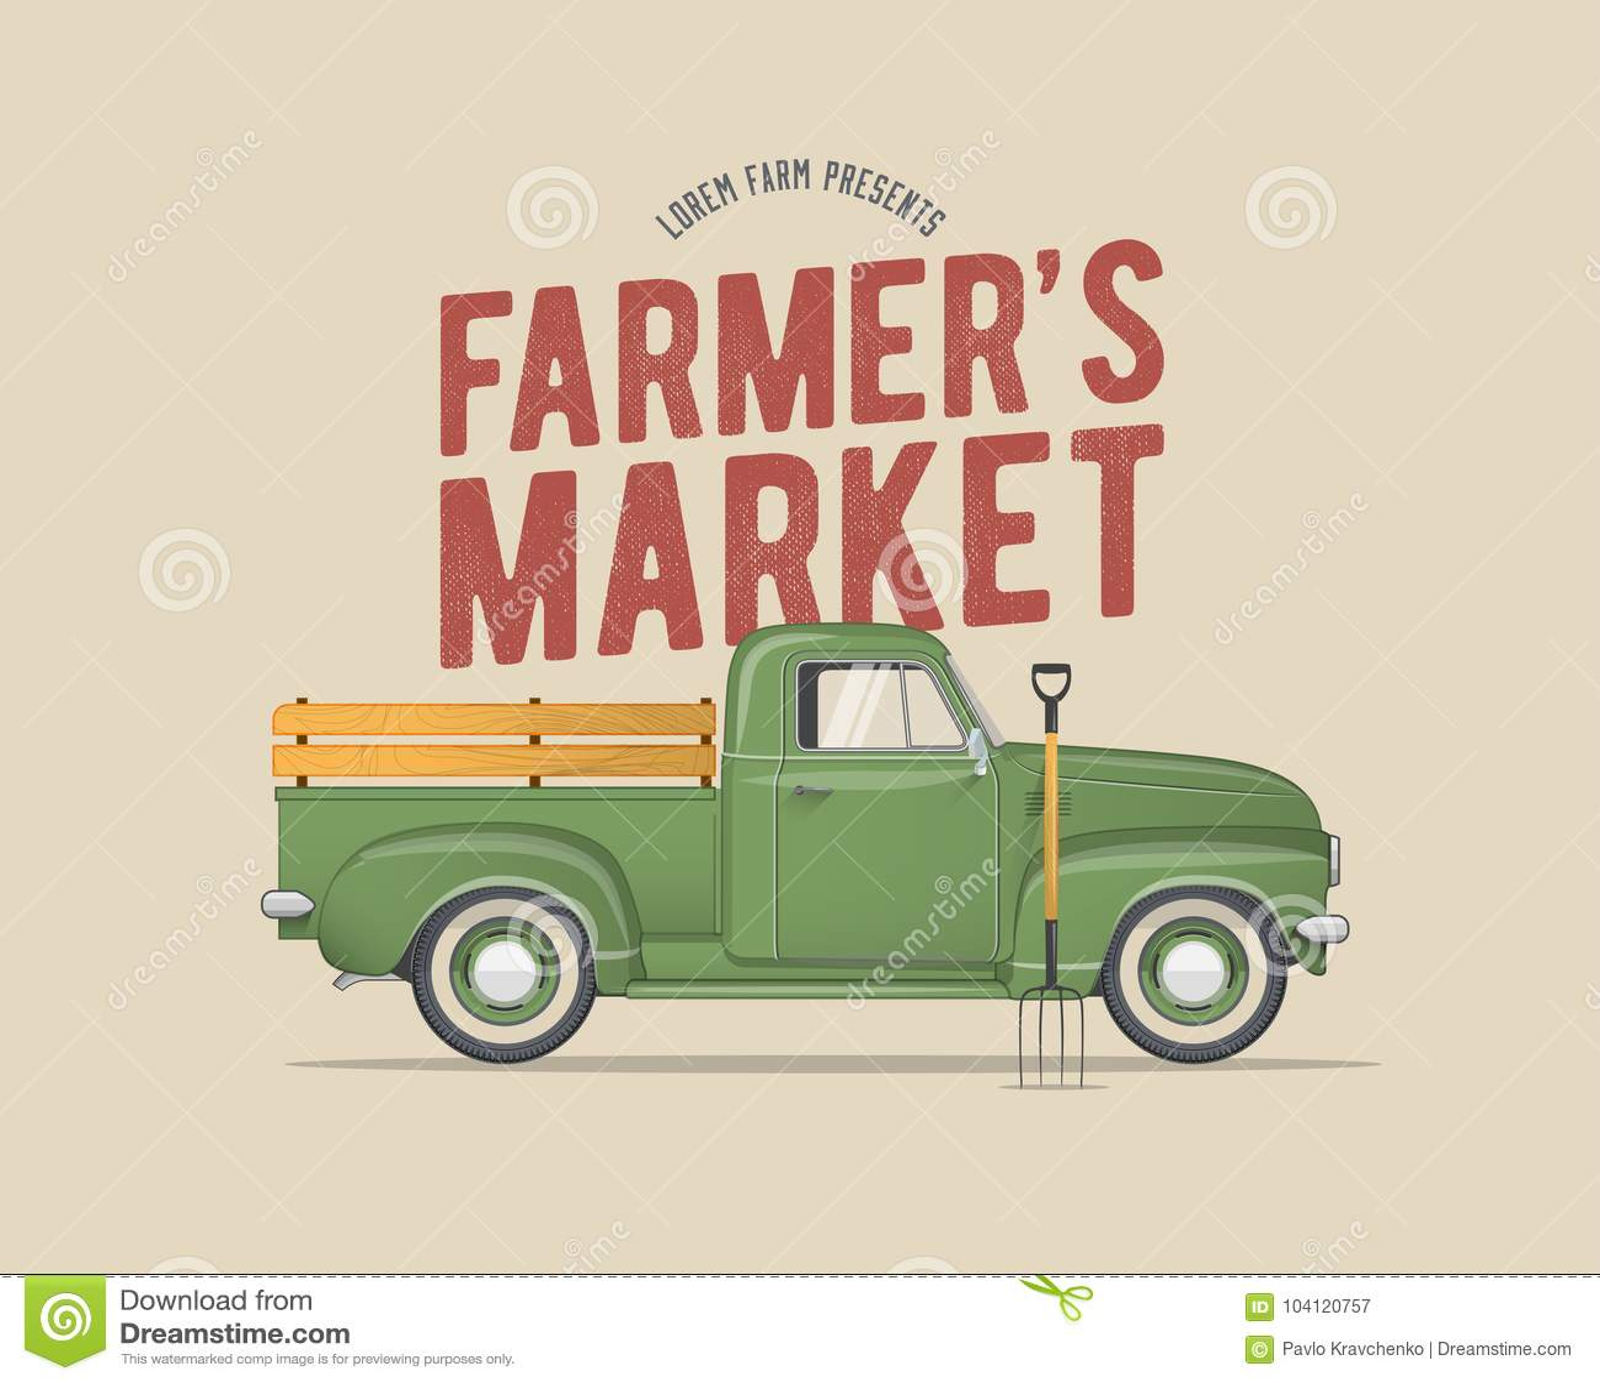 农夫` s市场主题的葡萄酒称呼了守旧派农夫` s绿色卡车的传染媒介例证